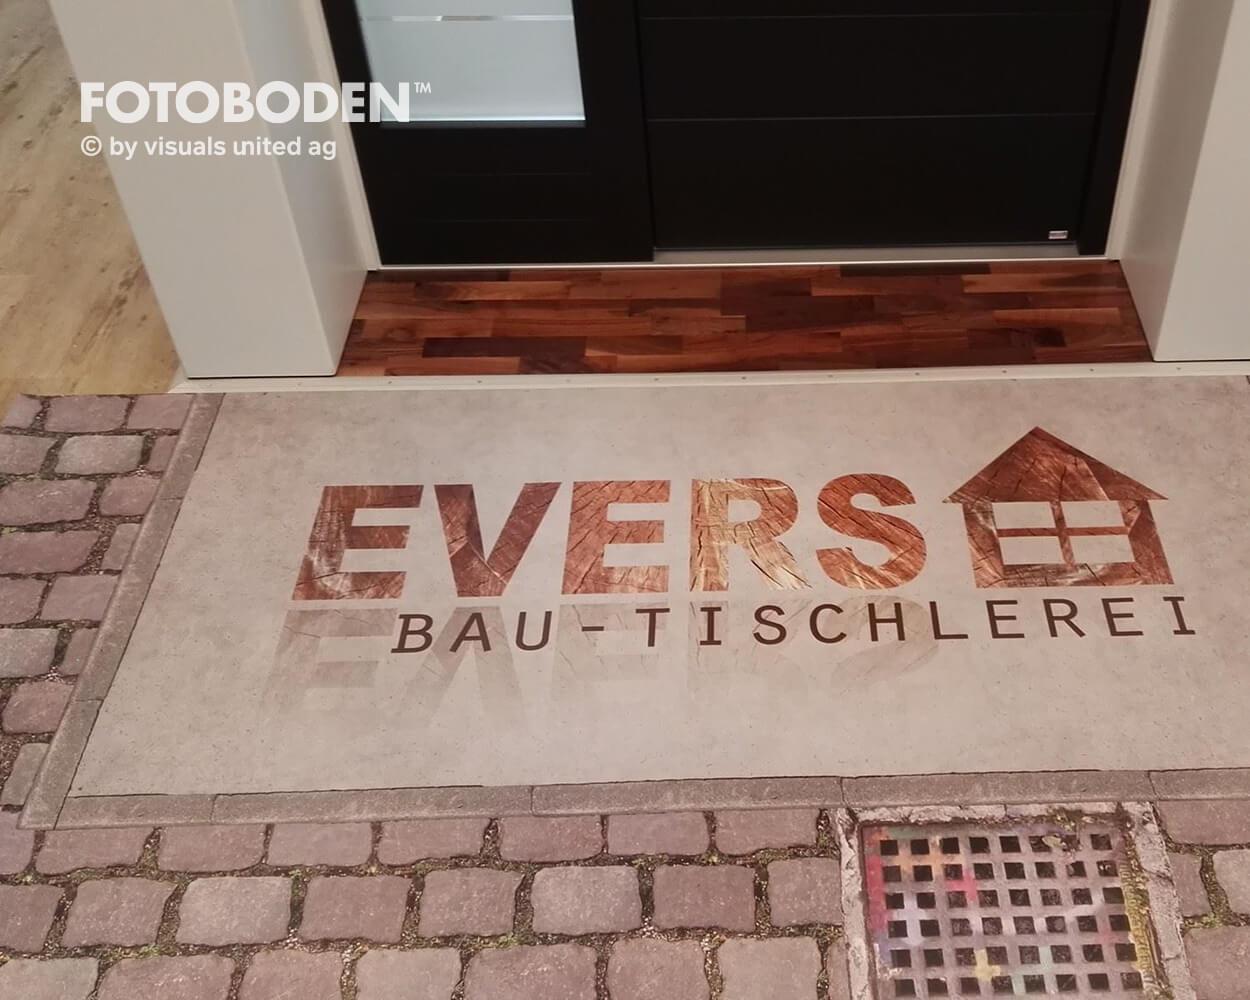 Evers2 Fotoboden Flooring Fußboden Bodengestaltung Floorminder Bodendruck Werbung Fußbodenwerbung Bodenwerbung Merchandising Advertising Visualmerchandising